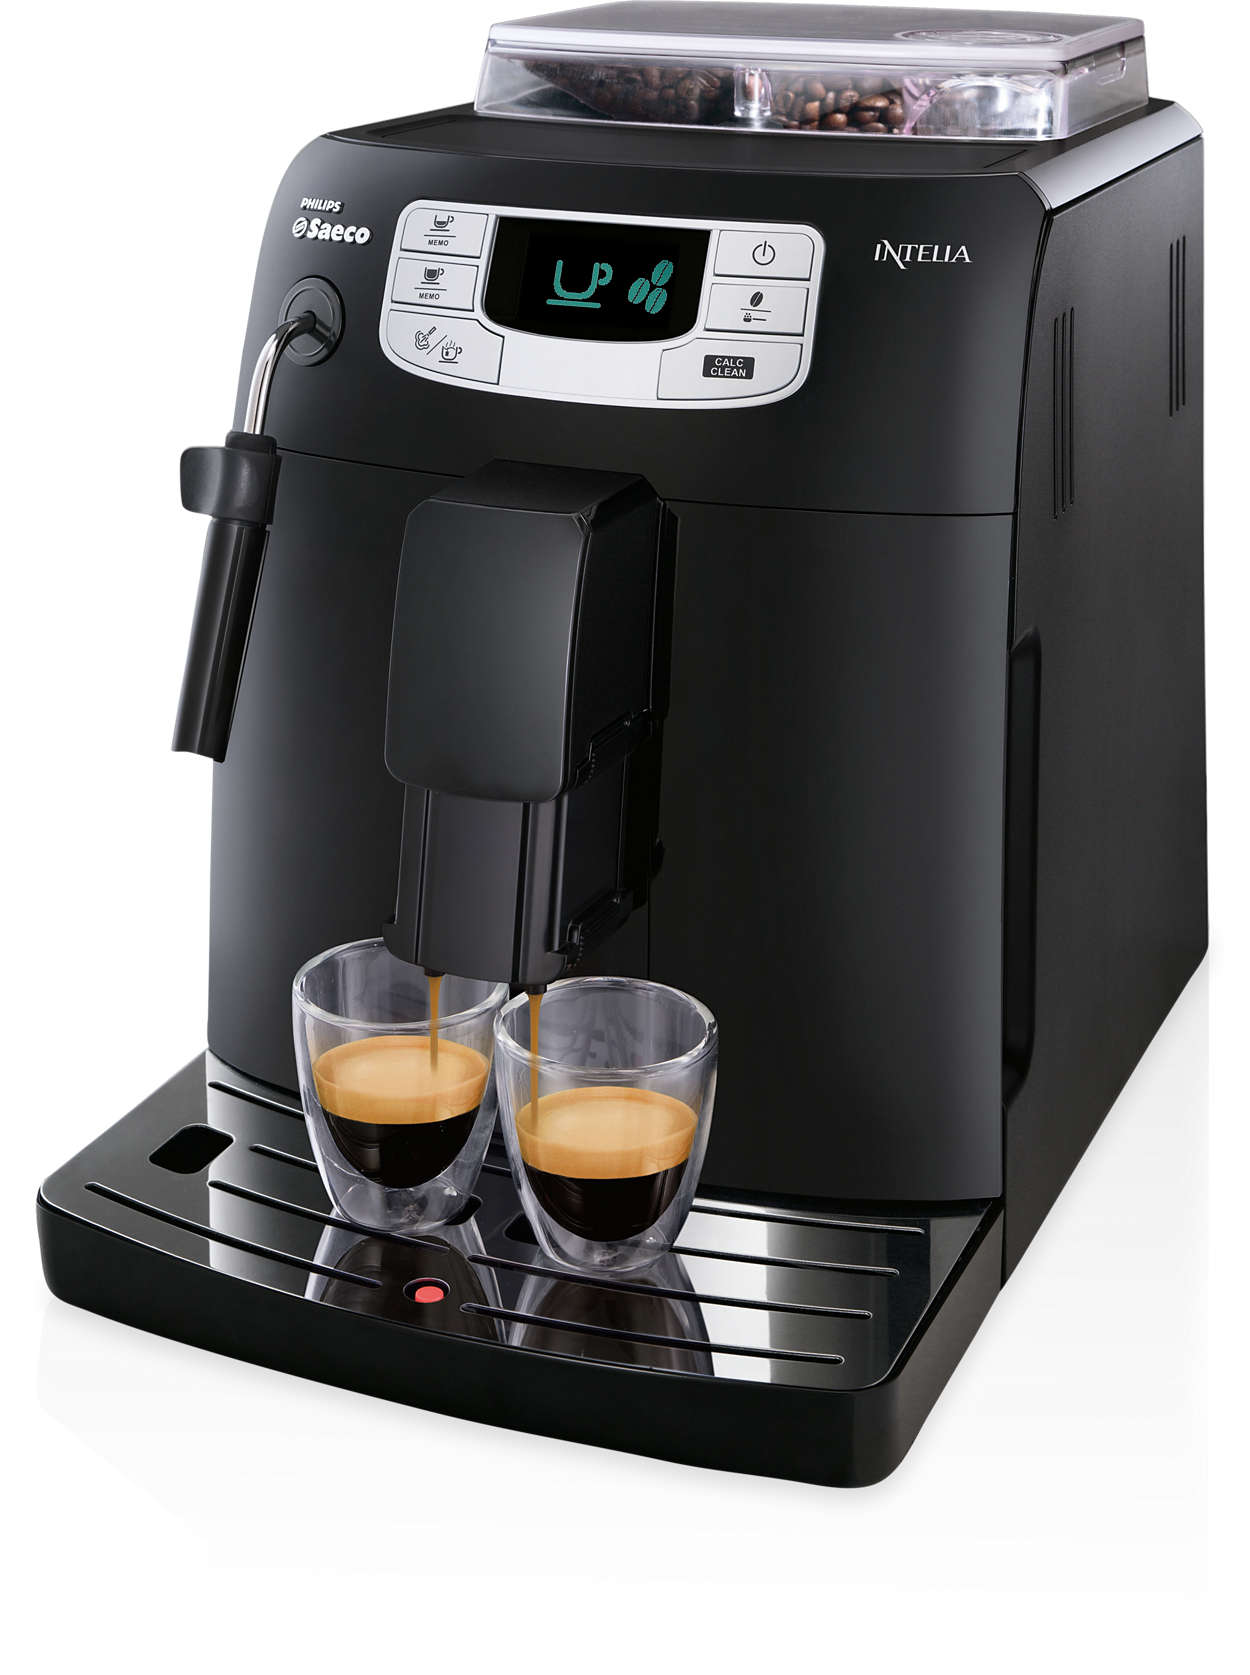 Espresso a káva stisknutím tlačítka